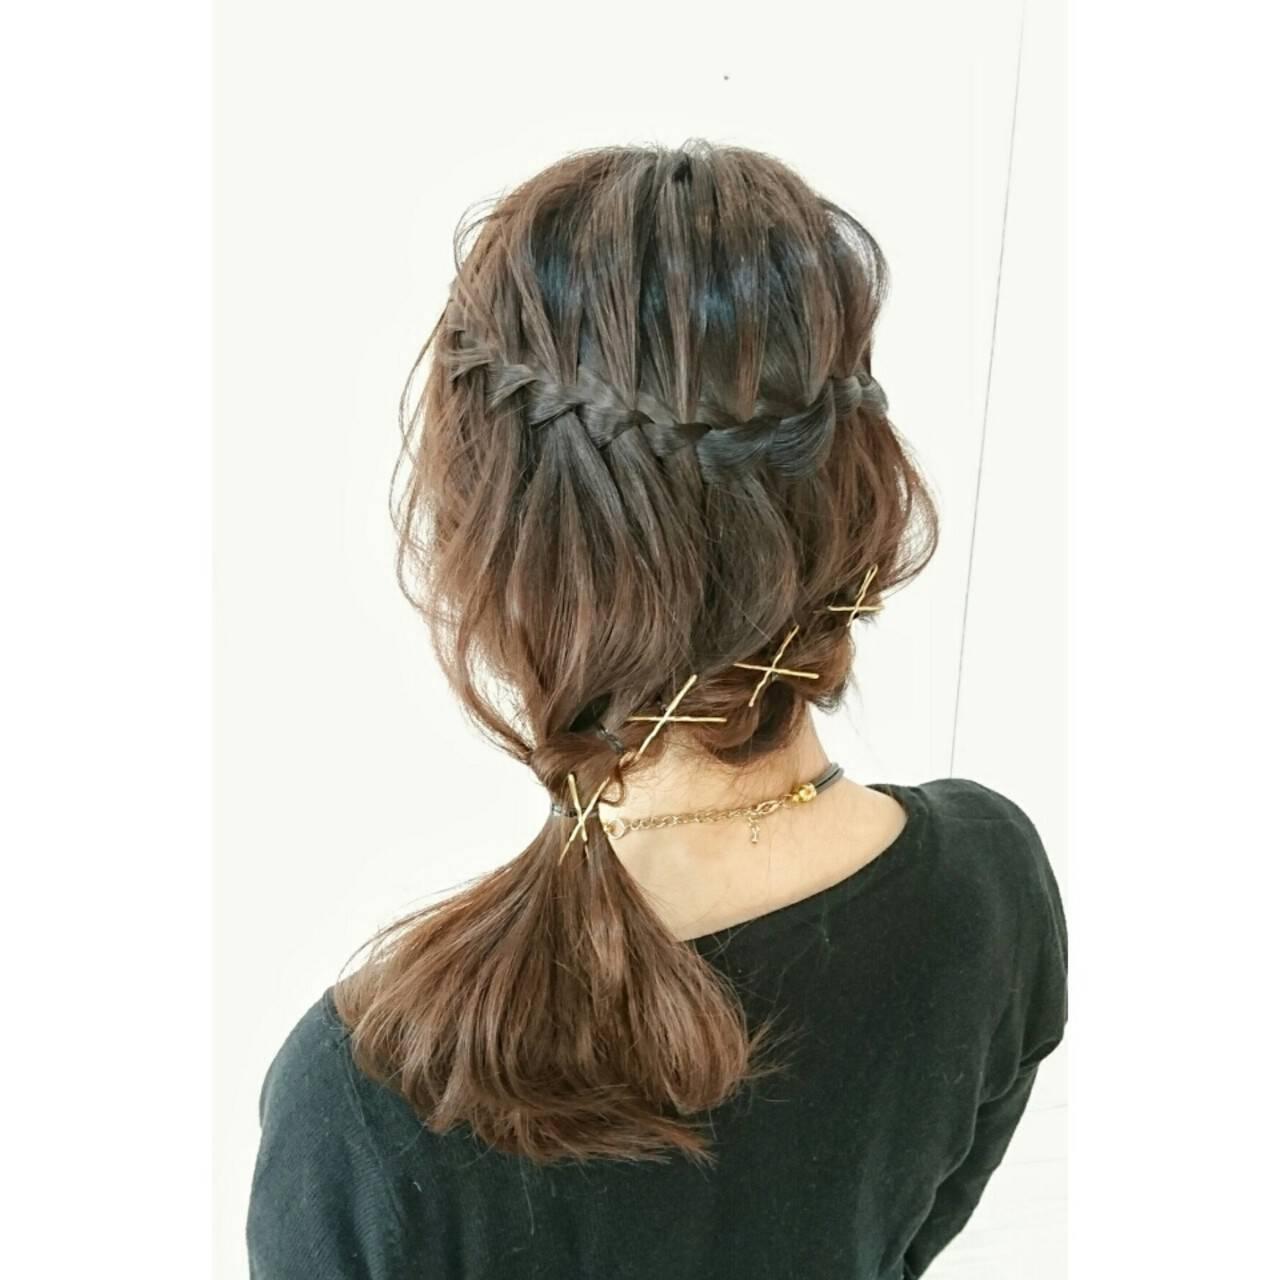 ミディアム 上品 ポニーテール ヘアピンヘアスタイルや髪型の写真・画像